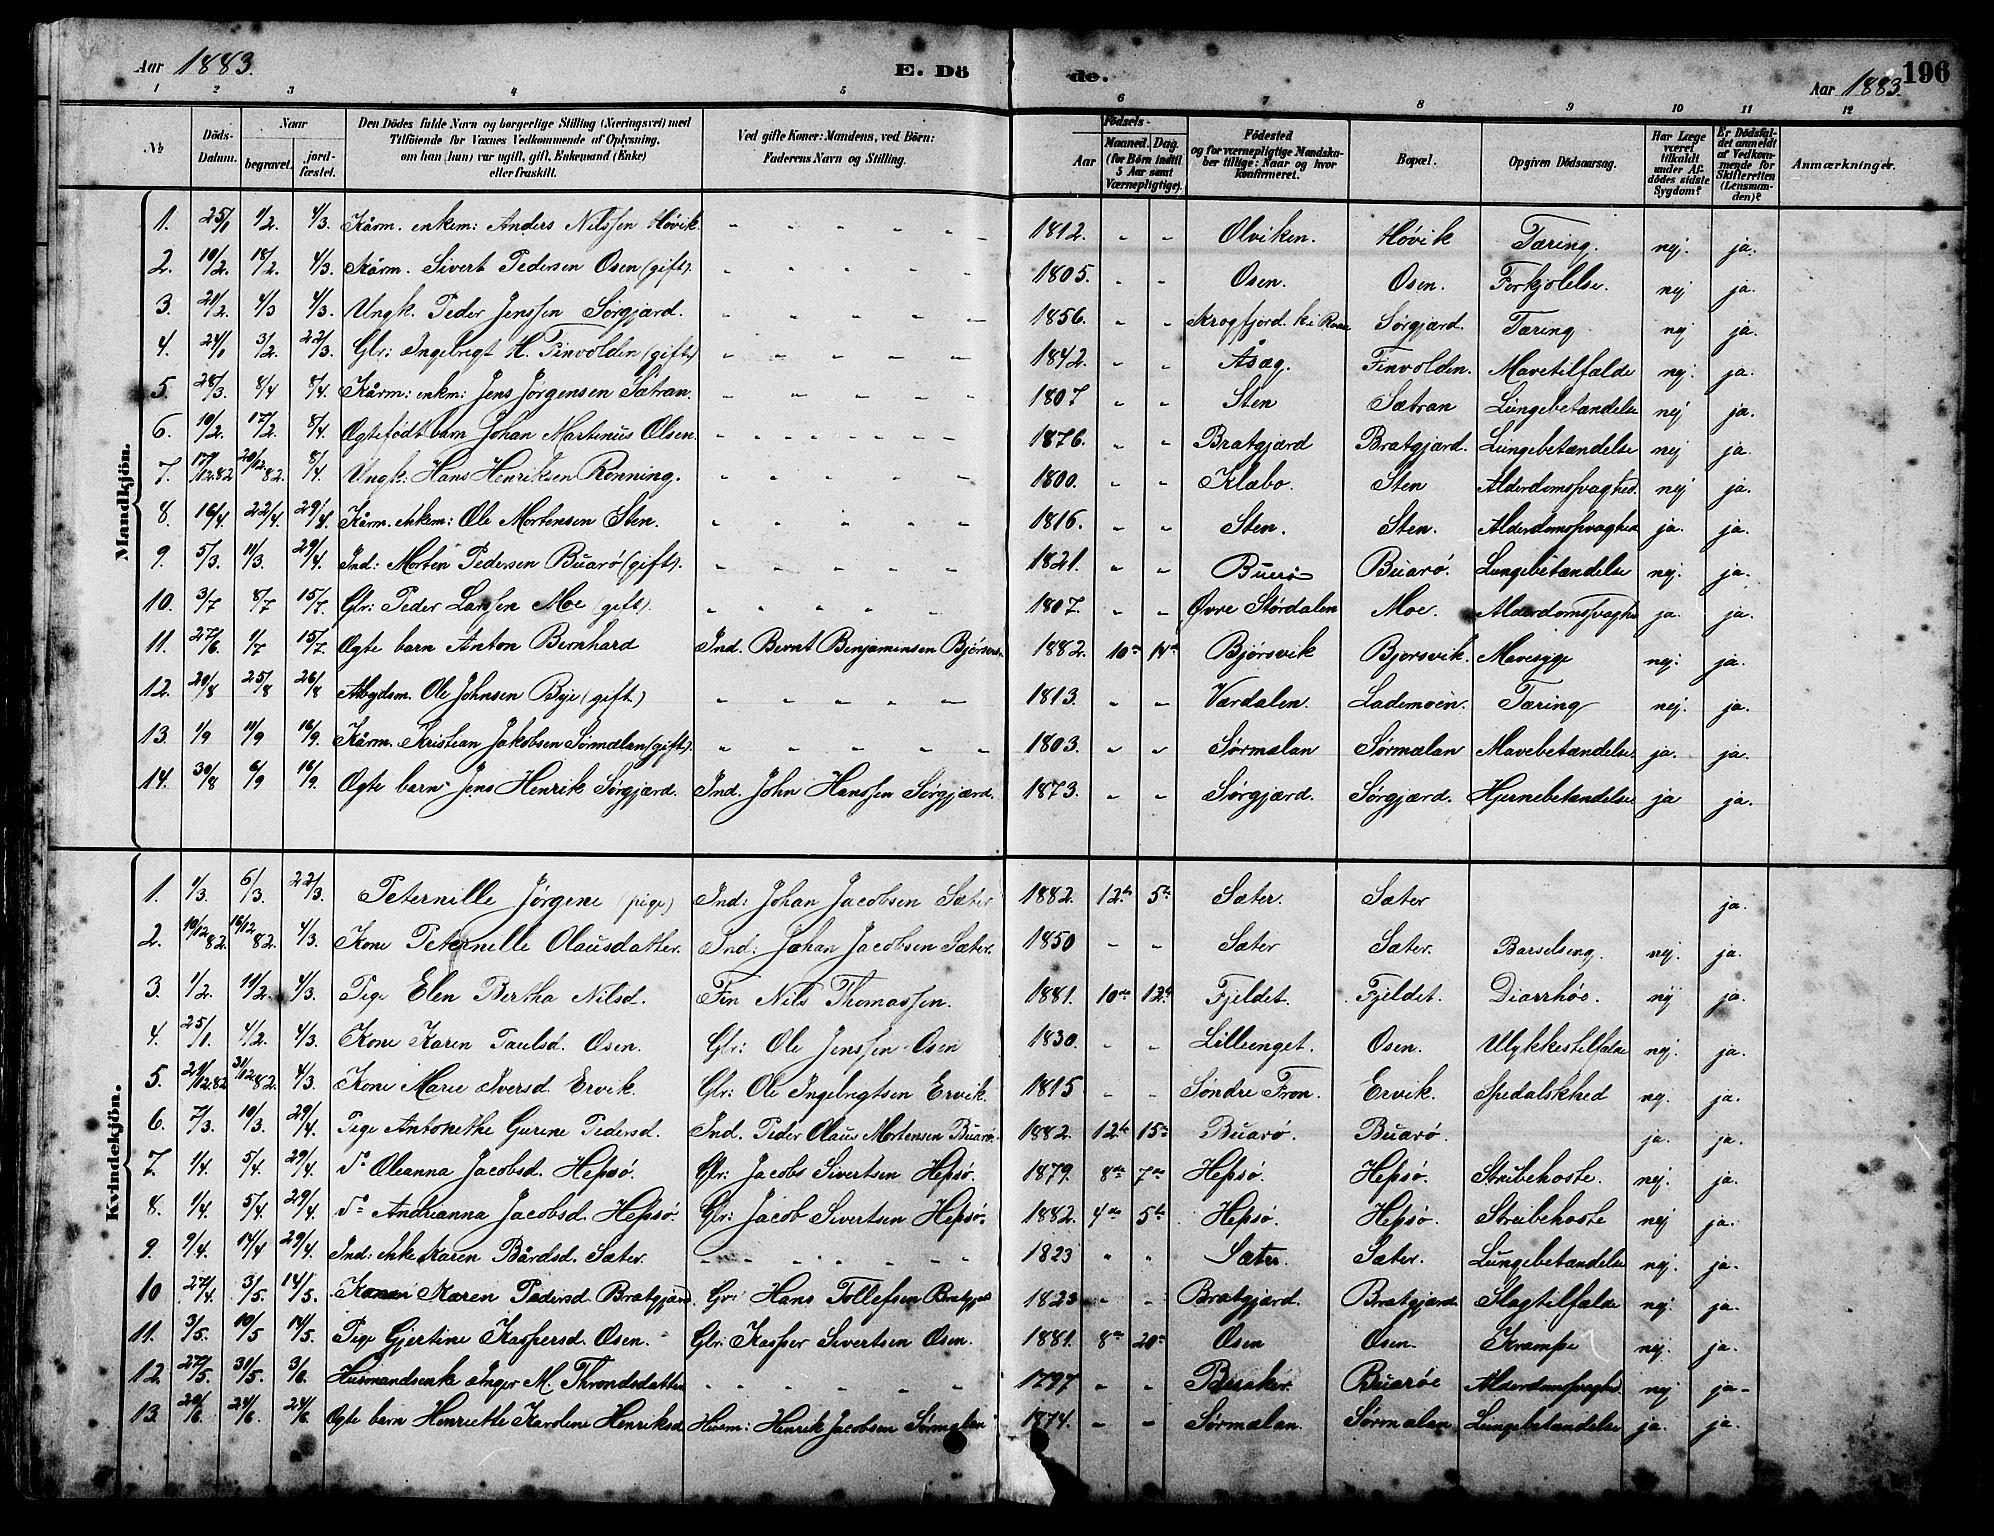 SAT, Ministerialprotokoller, klokkerbøker og fødselsregistre - Sør-Trøndelag, 658/L0726: Klokkerbok nr. 658C02, 1883-1908, s. 196